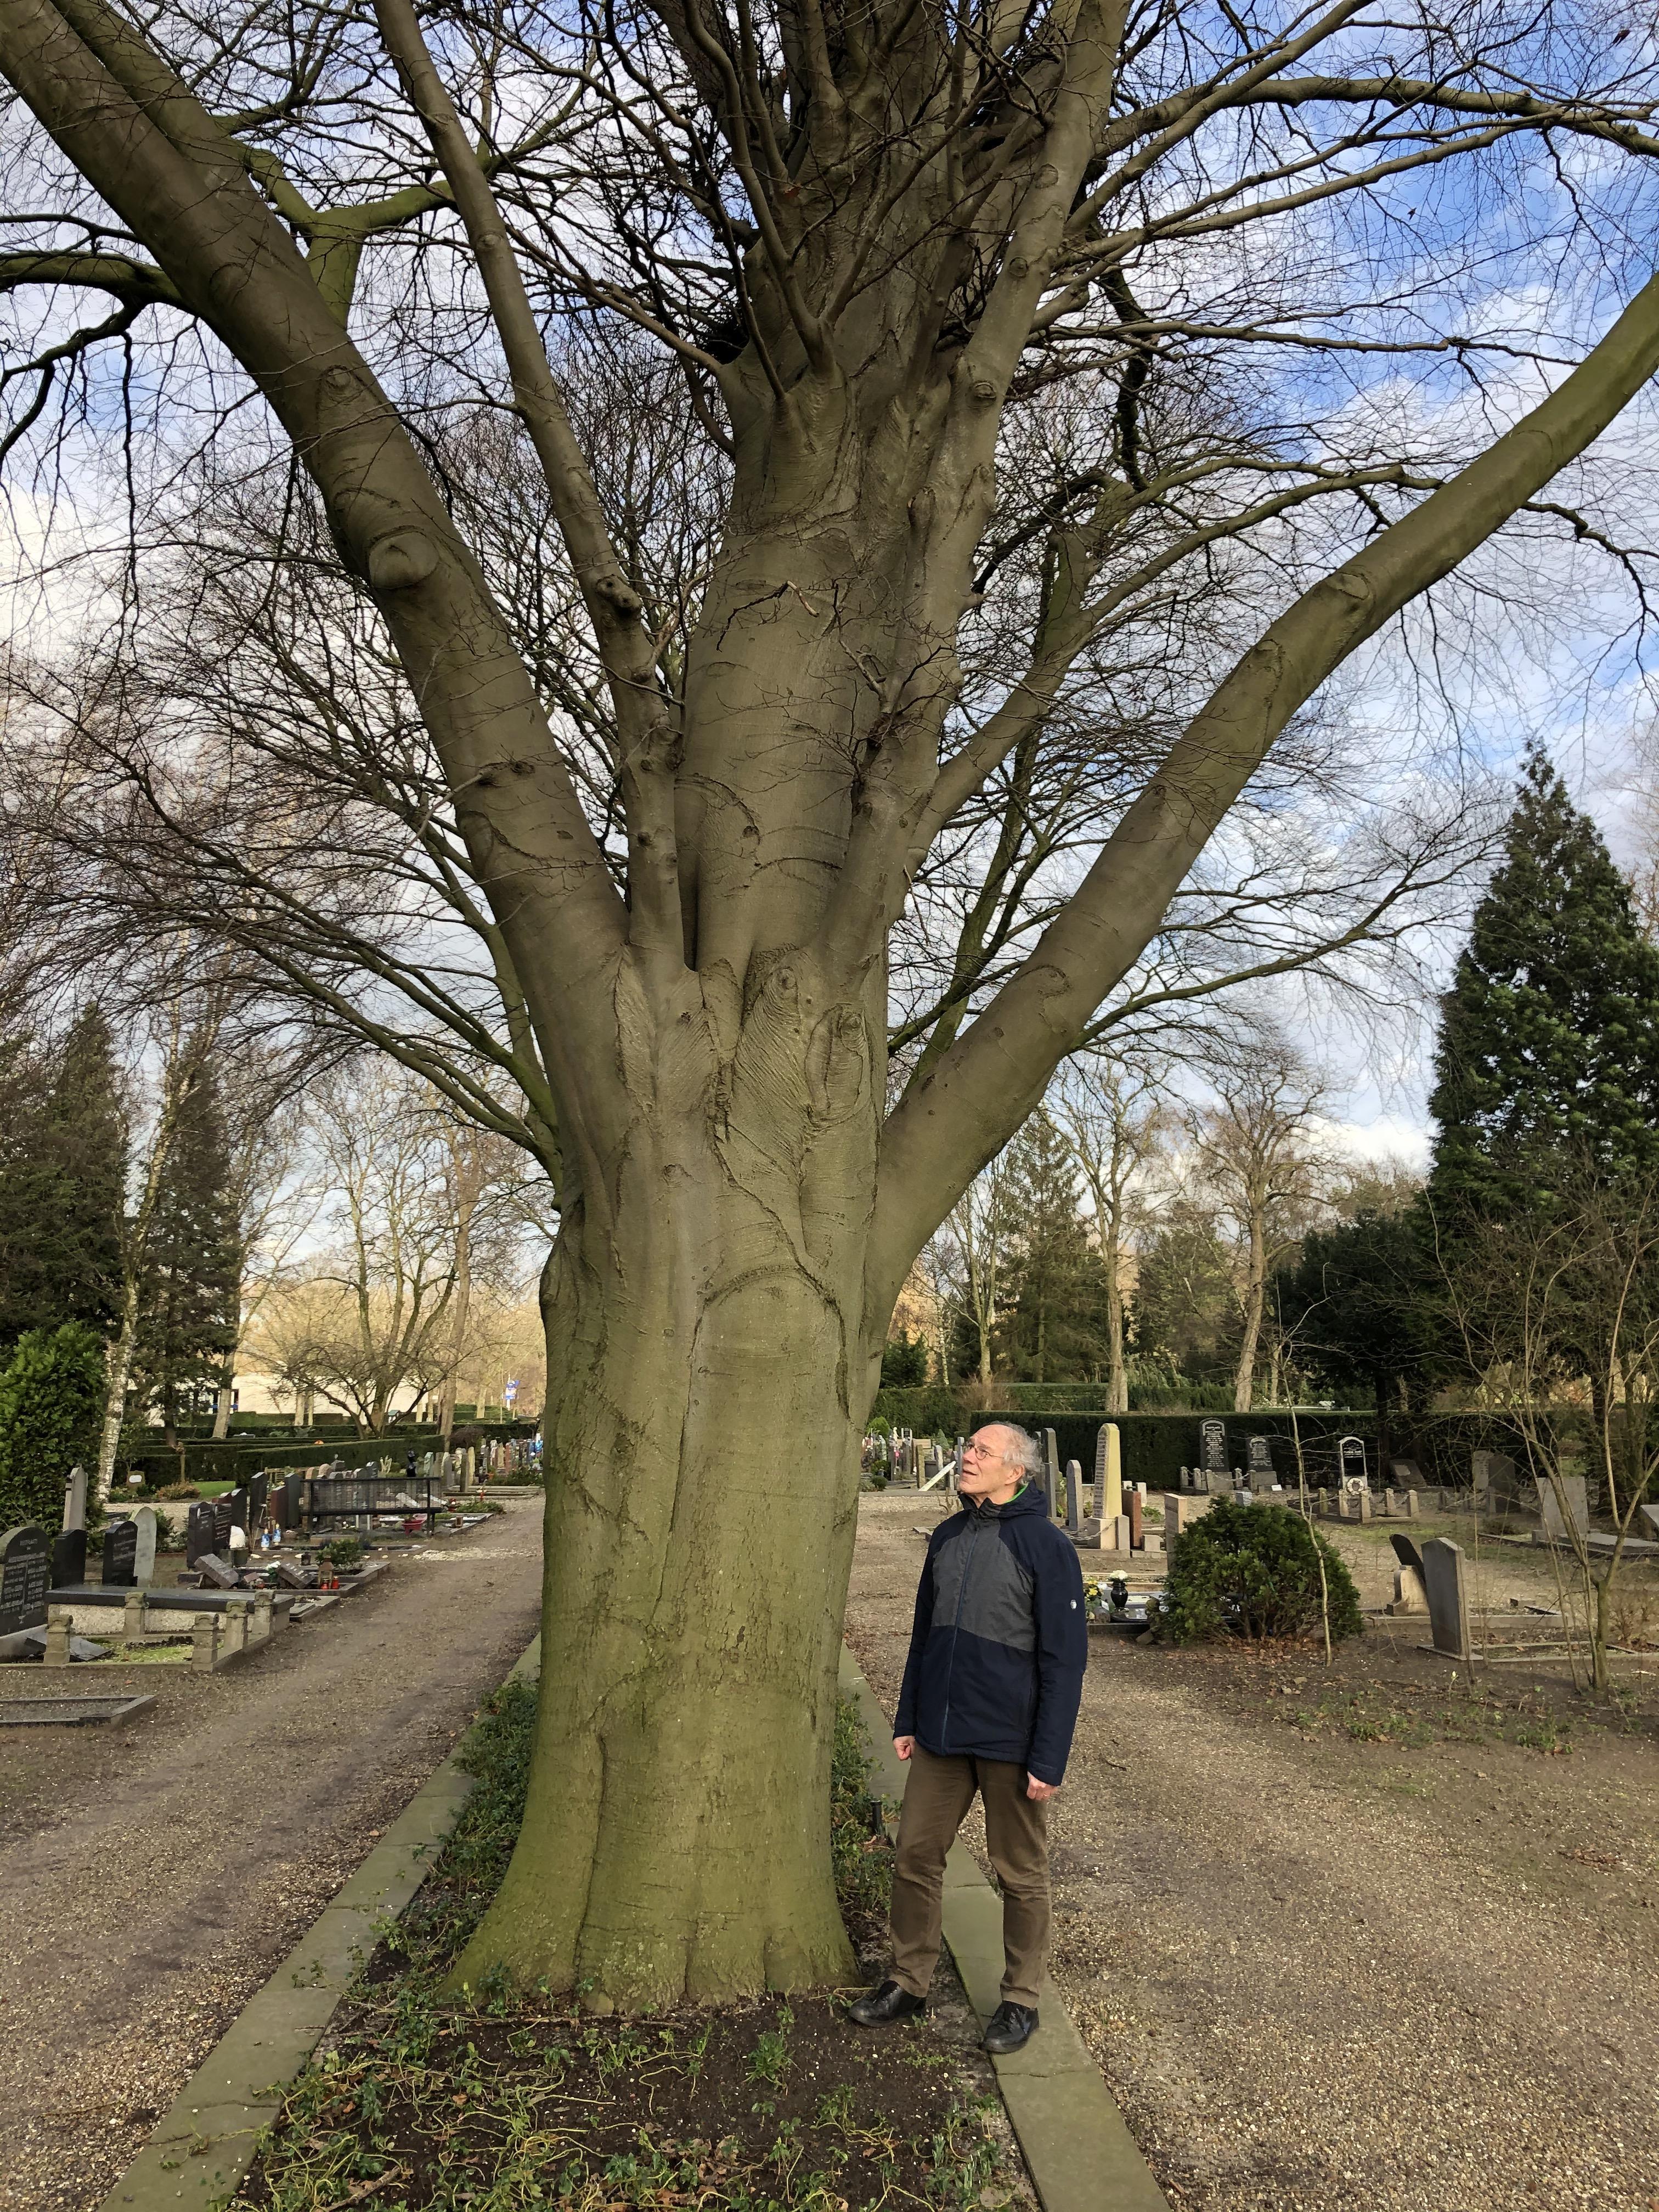 Niet het aantal bomen, maar kroonbedekking telt voortaan in Zaanstad